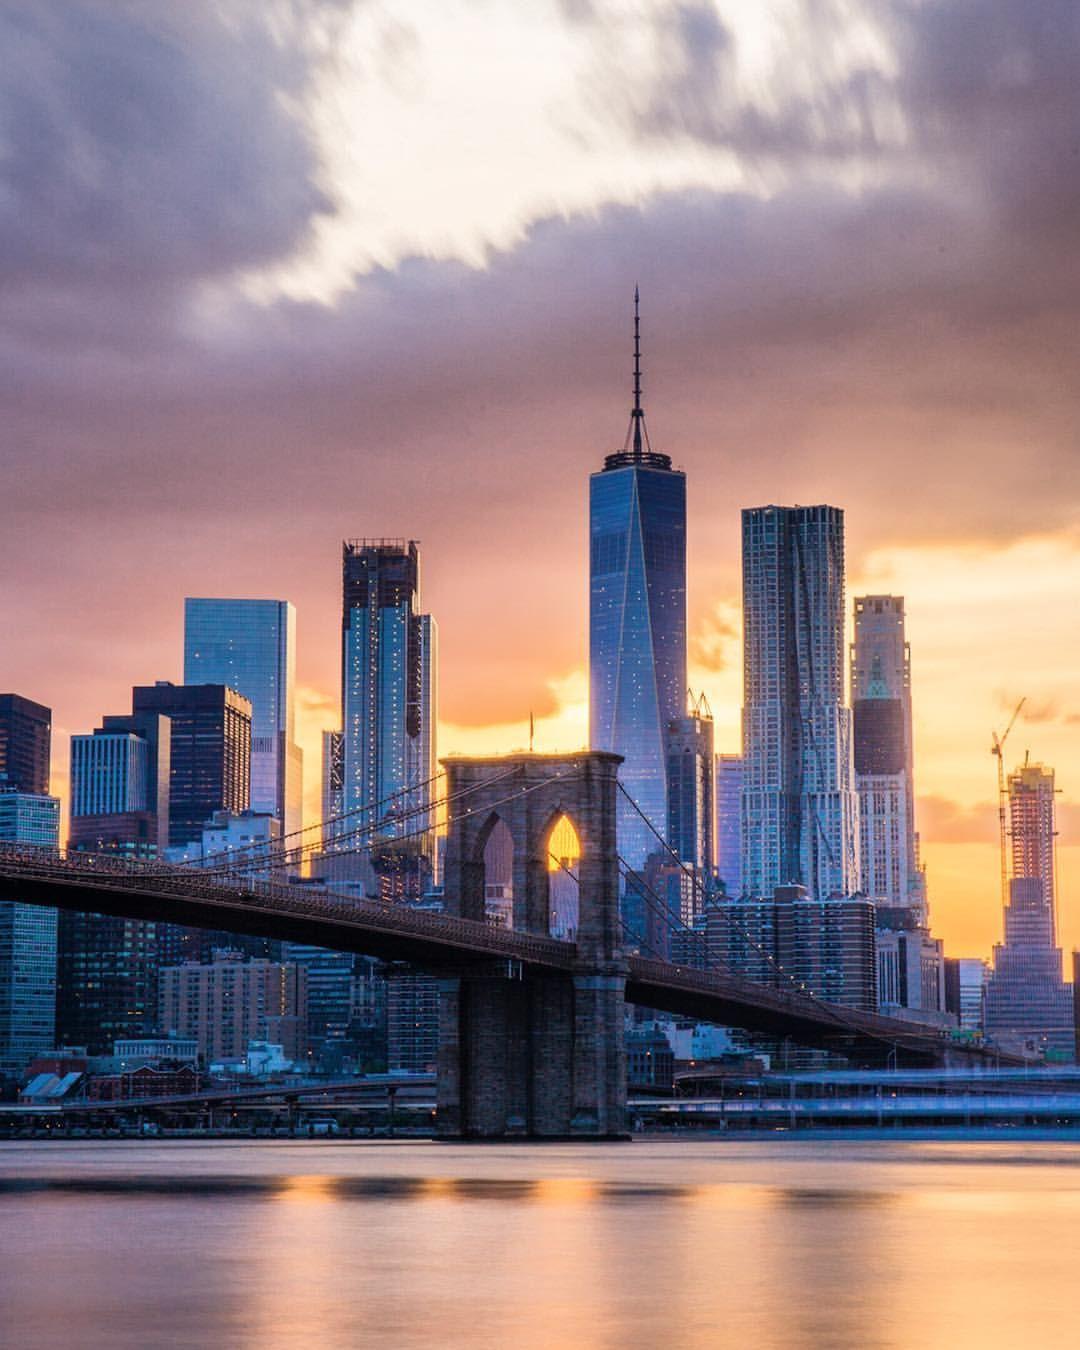 #newyork #newyorkcity #manhattan #ilovenewyork